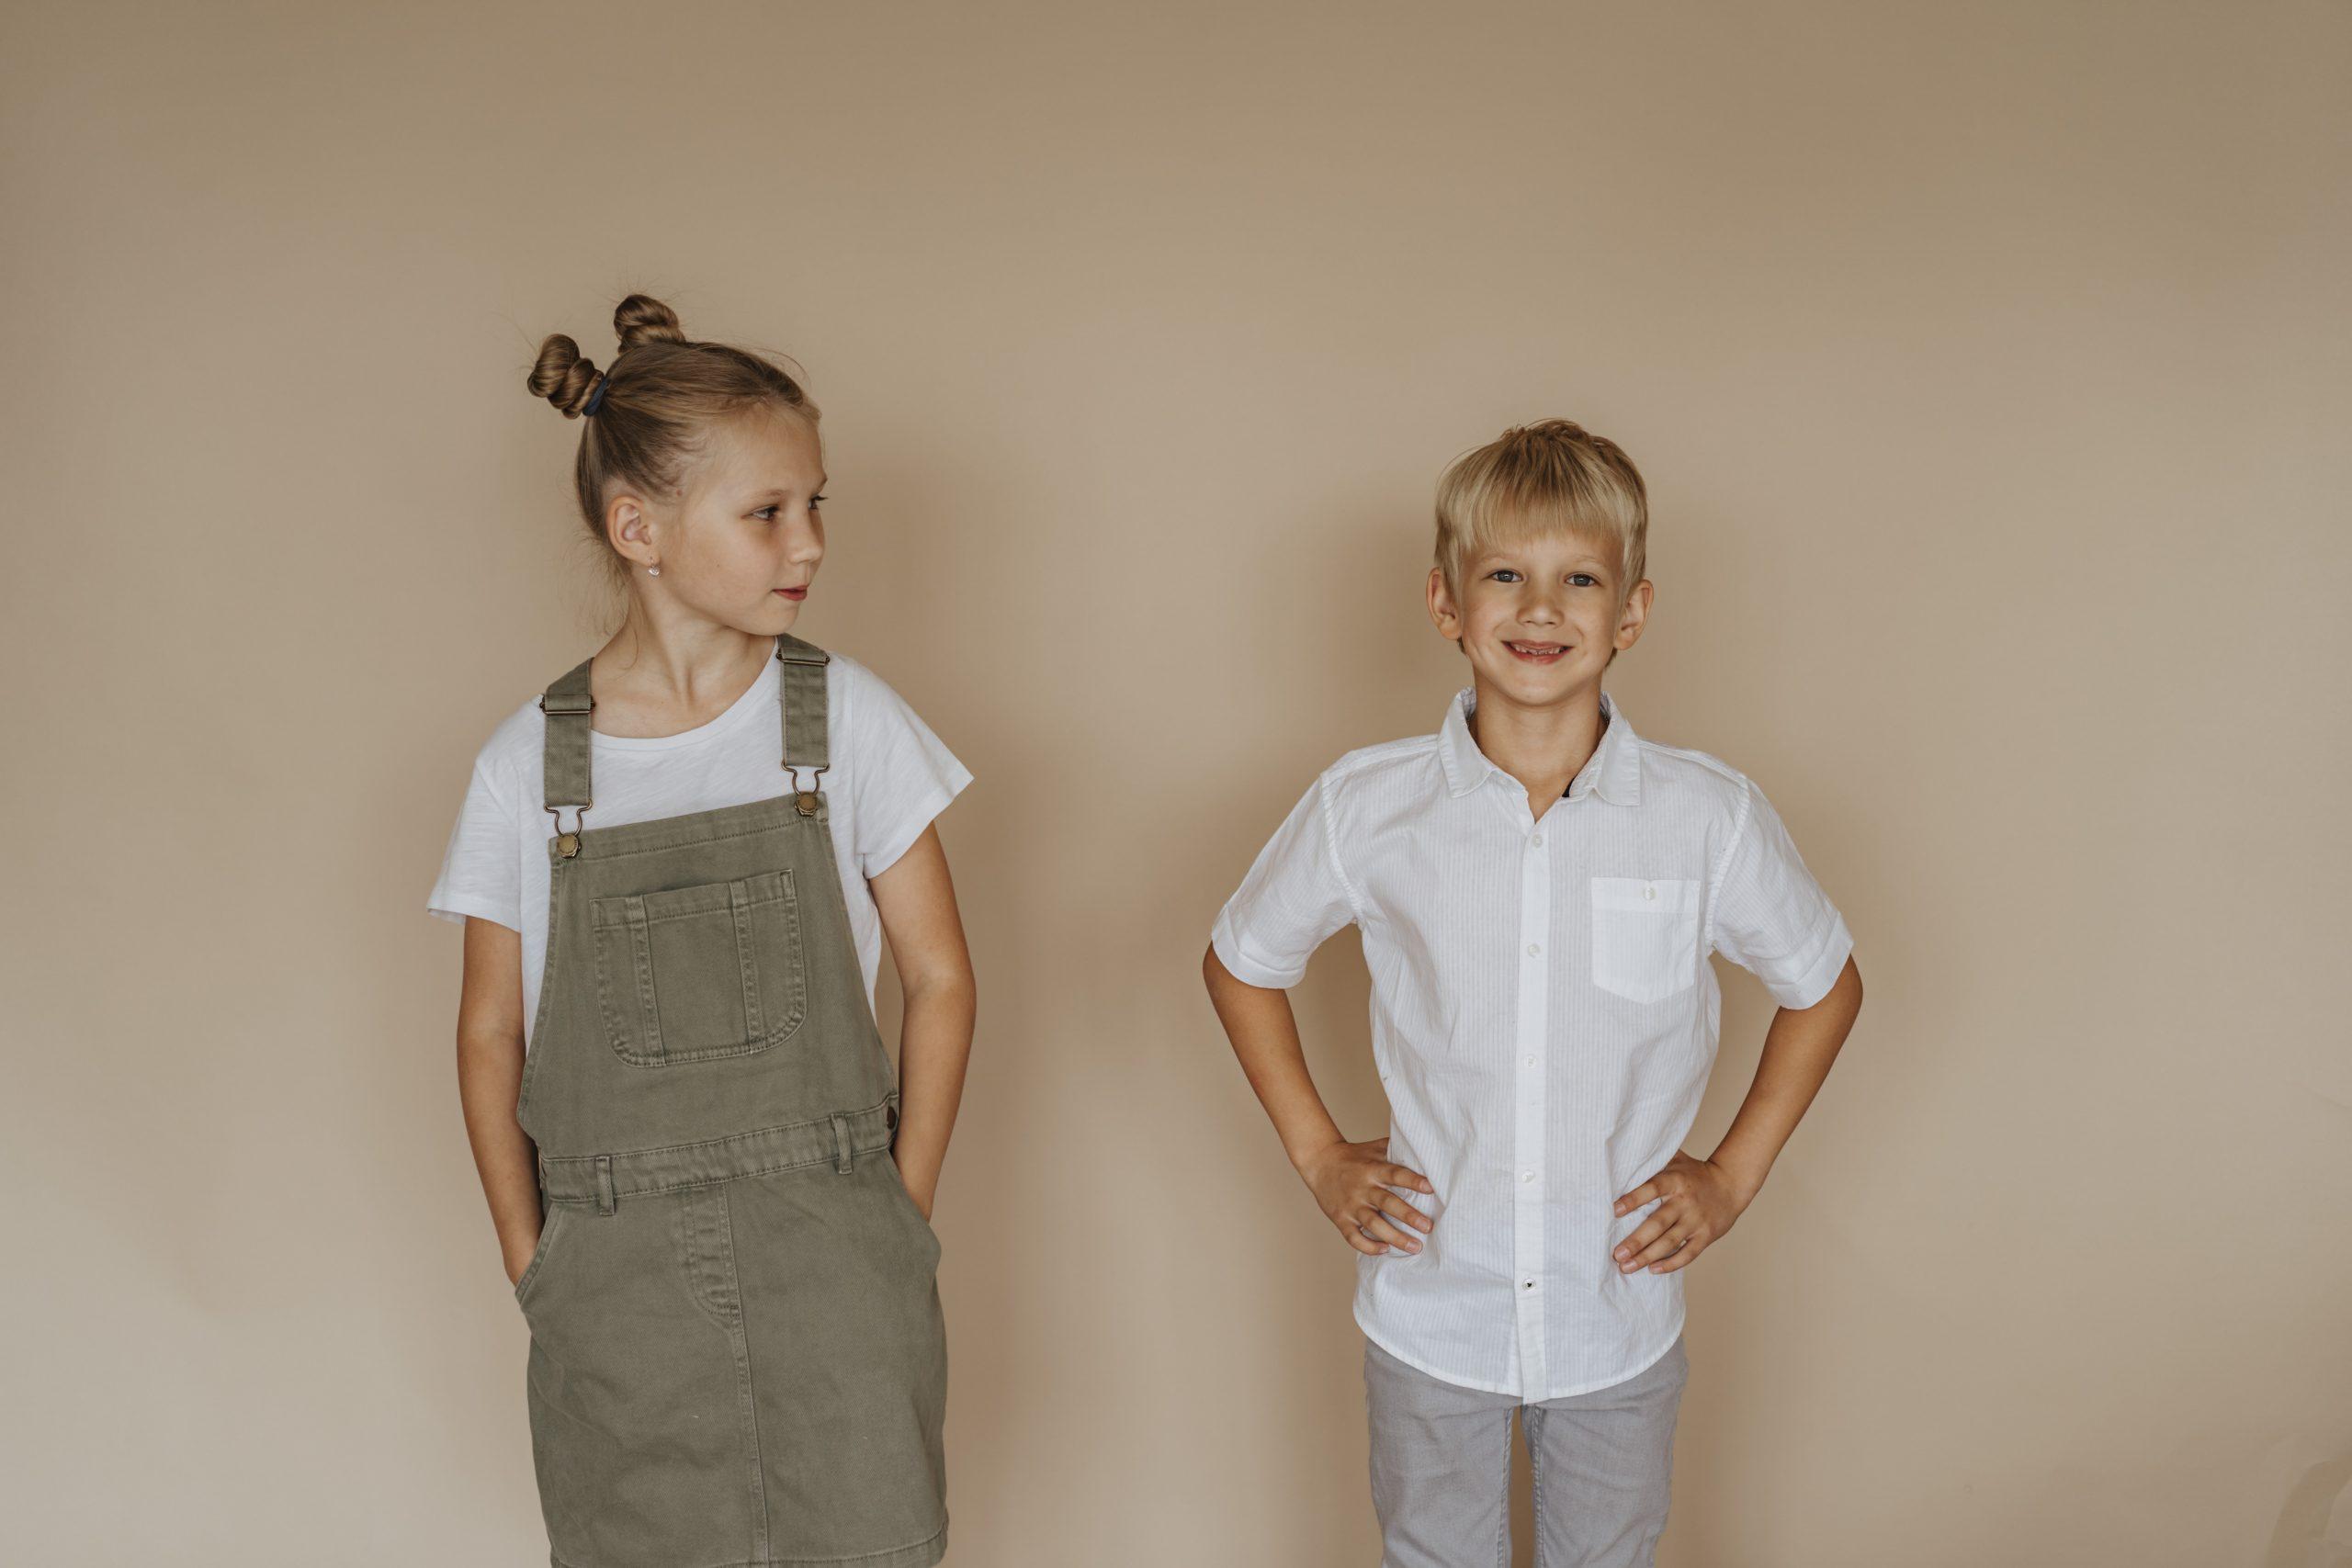 saul jeugdhulp groningen friesland drenthe